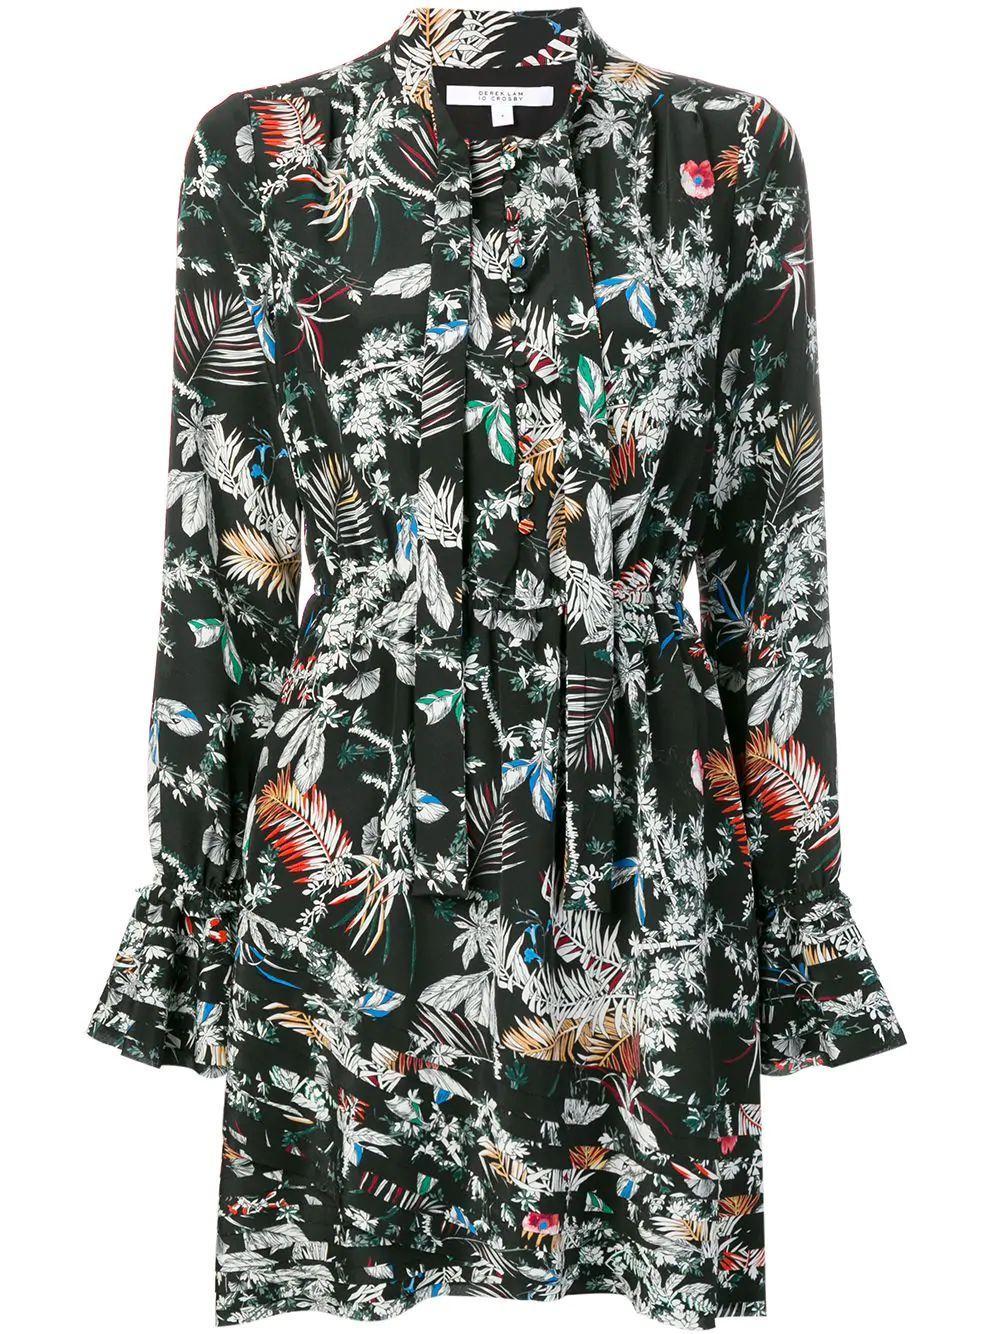 Long Sleeve Ruffle Hem Dress With Button Detail